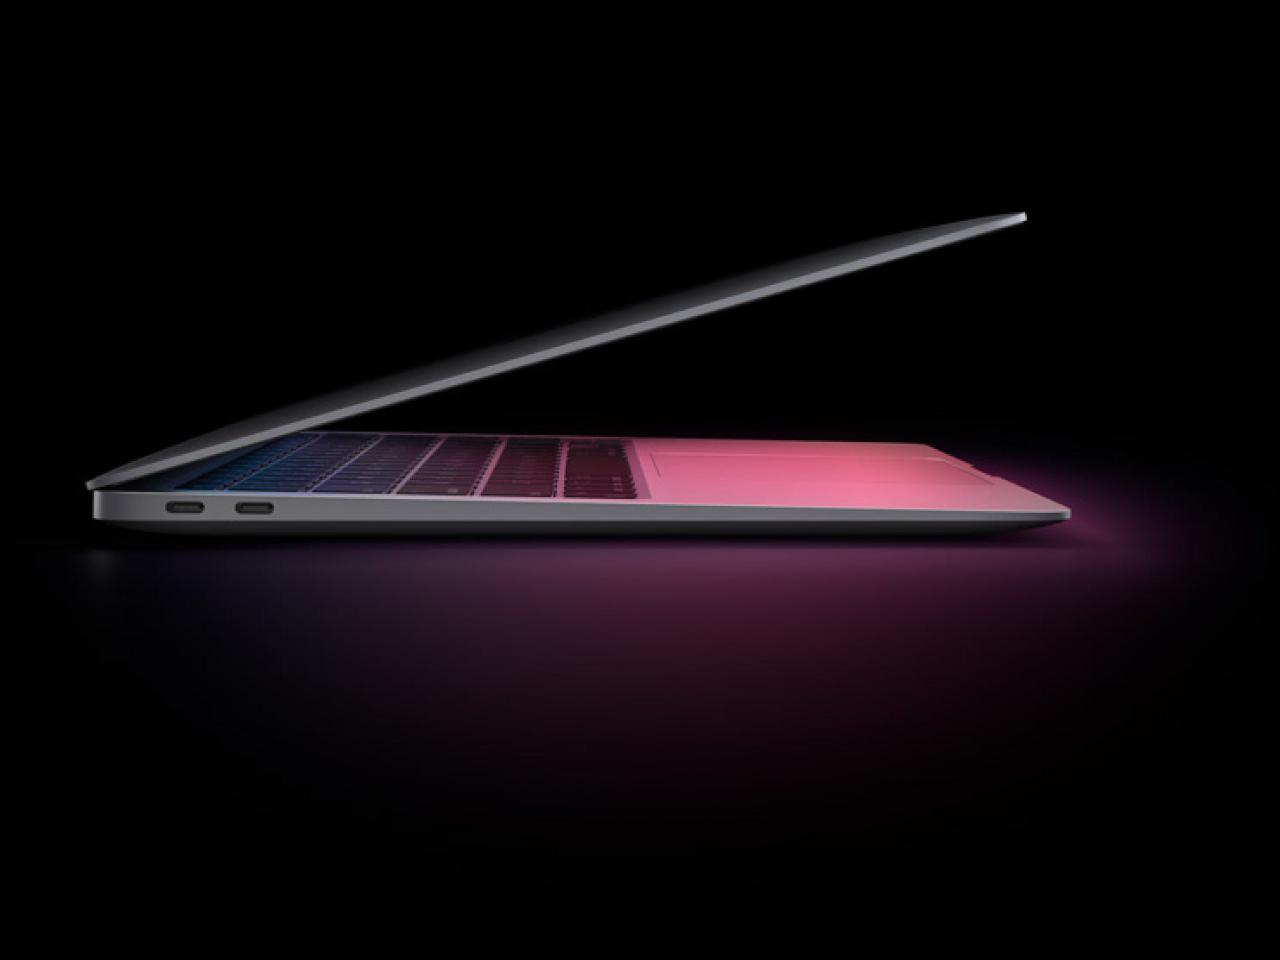 MacBook Air. Blaast je omver.